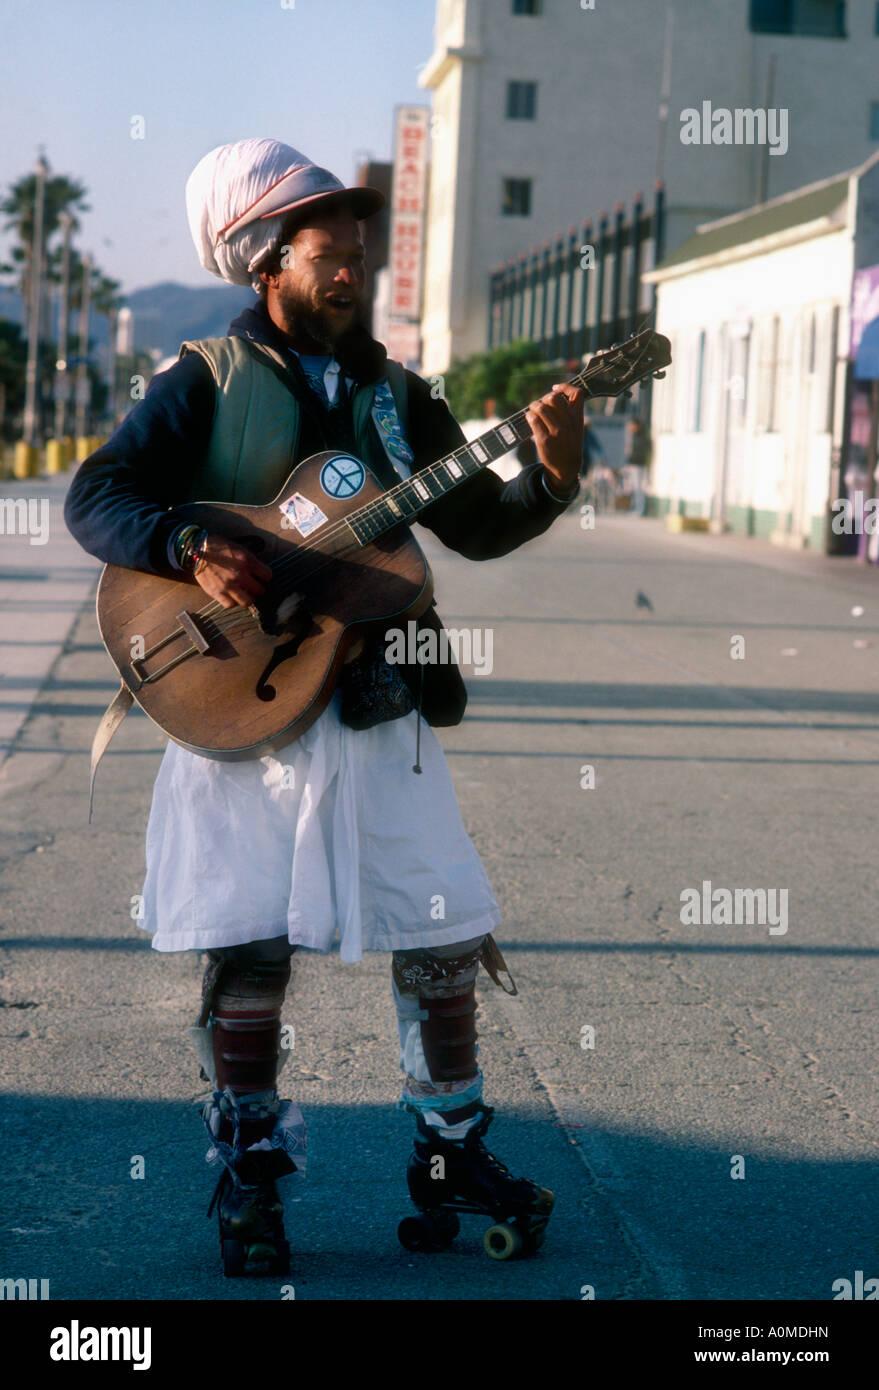 Venice Beach Roller Skate Guy